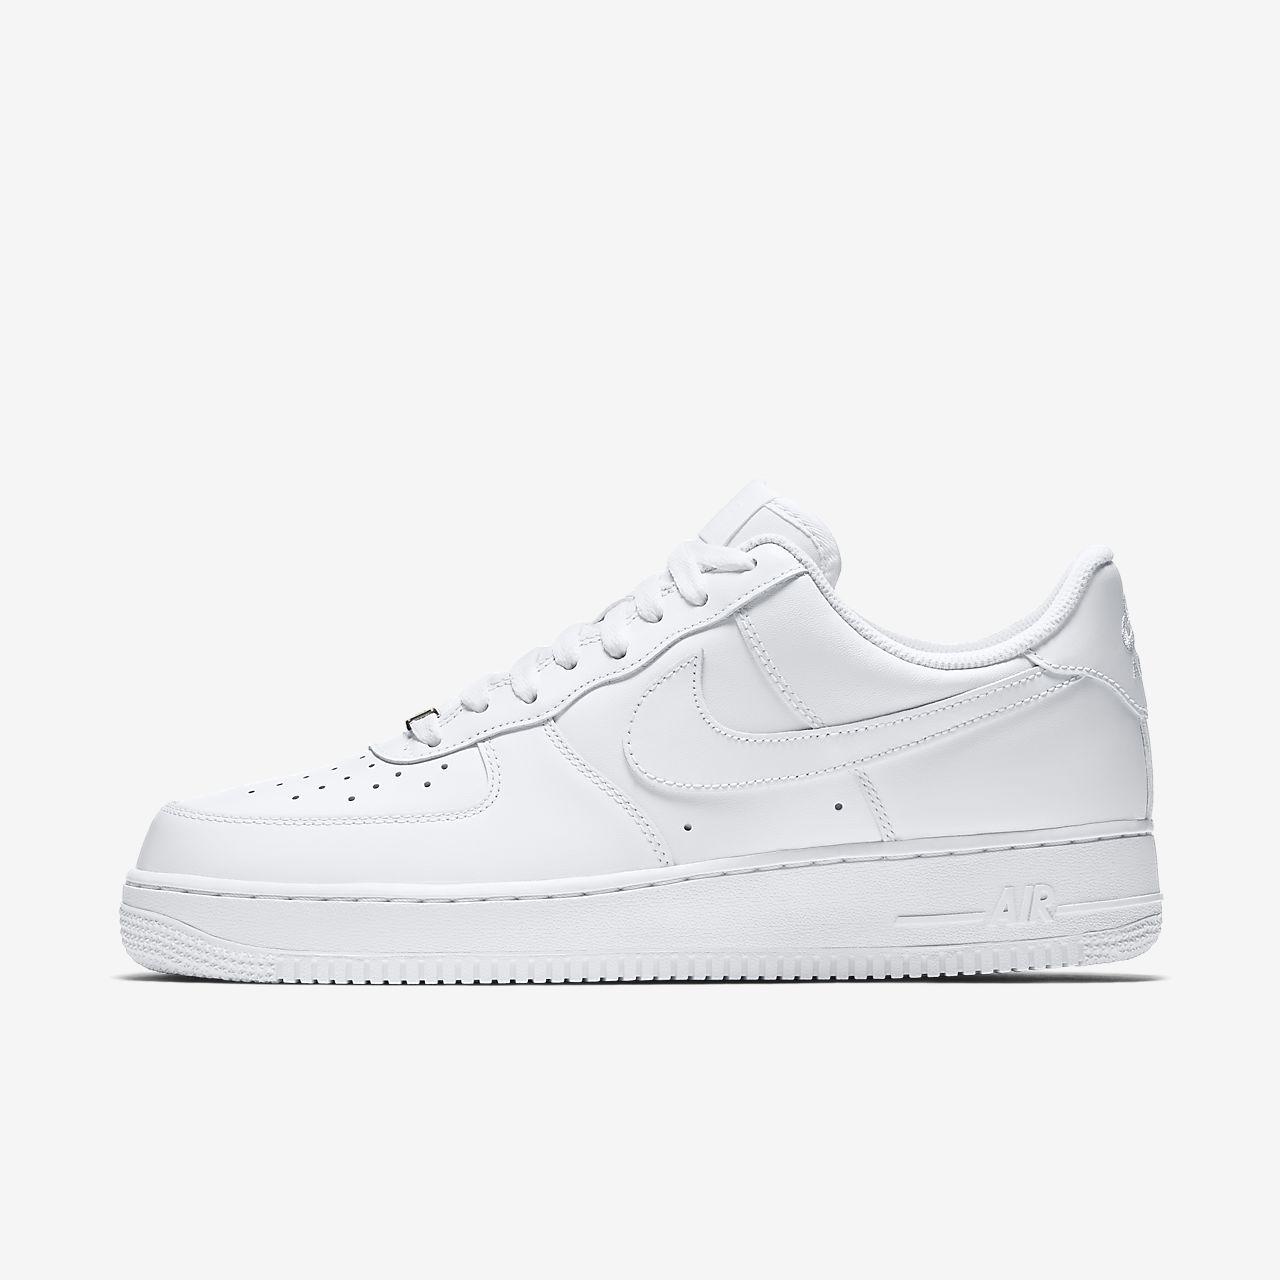 Air Force 1 '07 Men's Shoe in 2019 | Nike air, Nike air